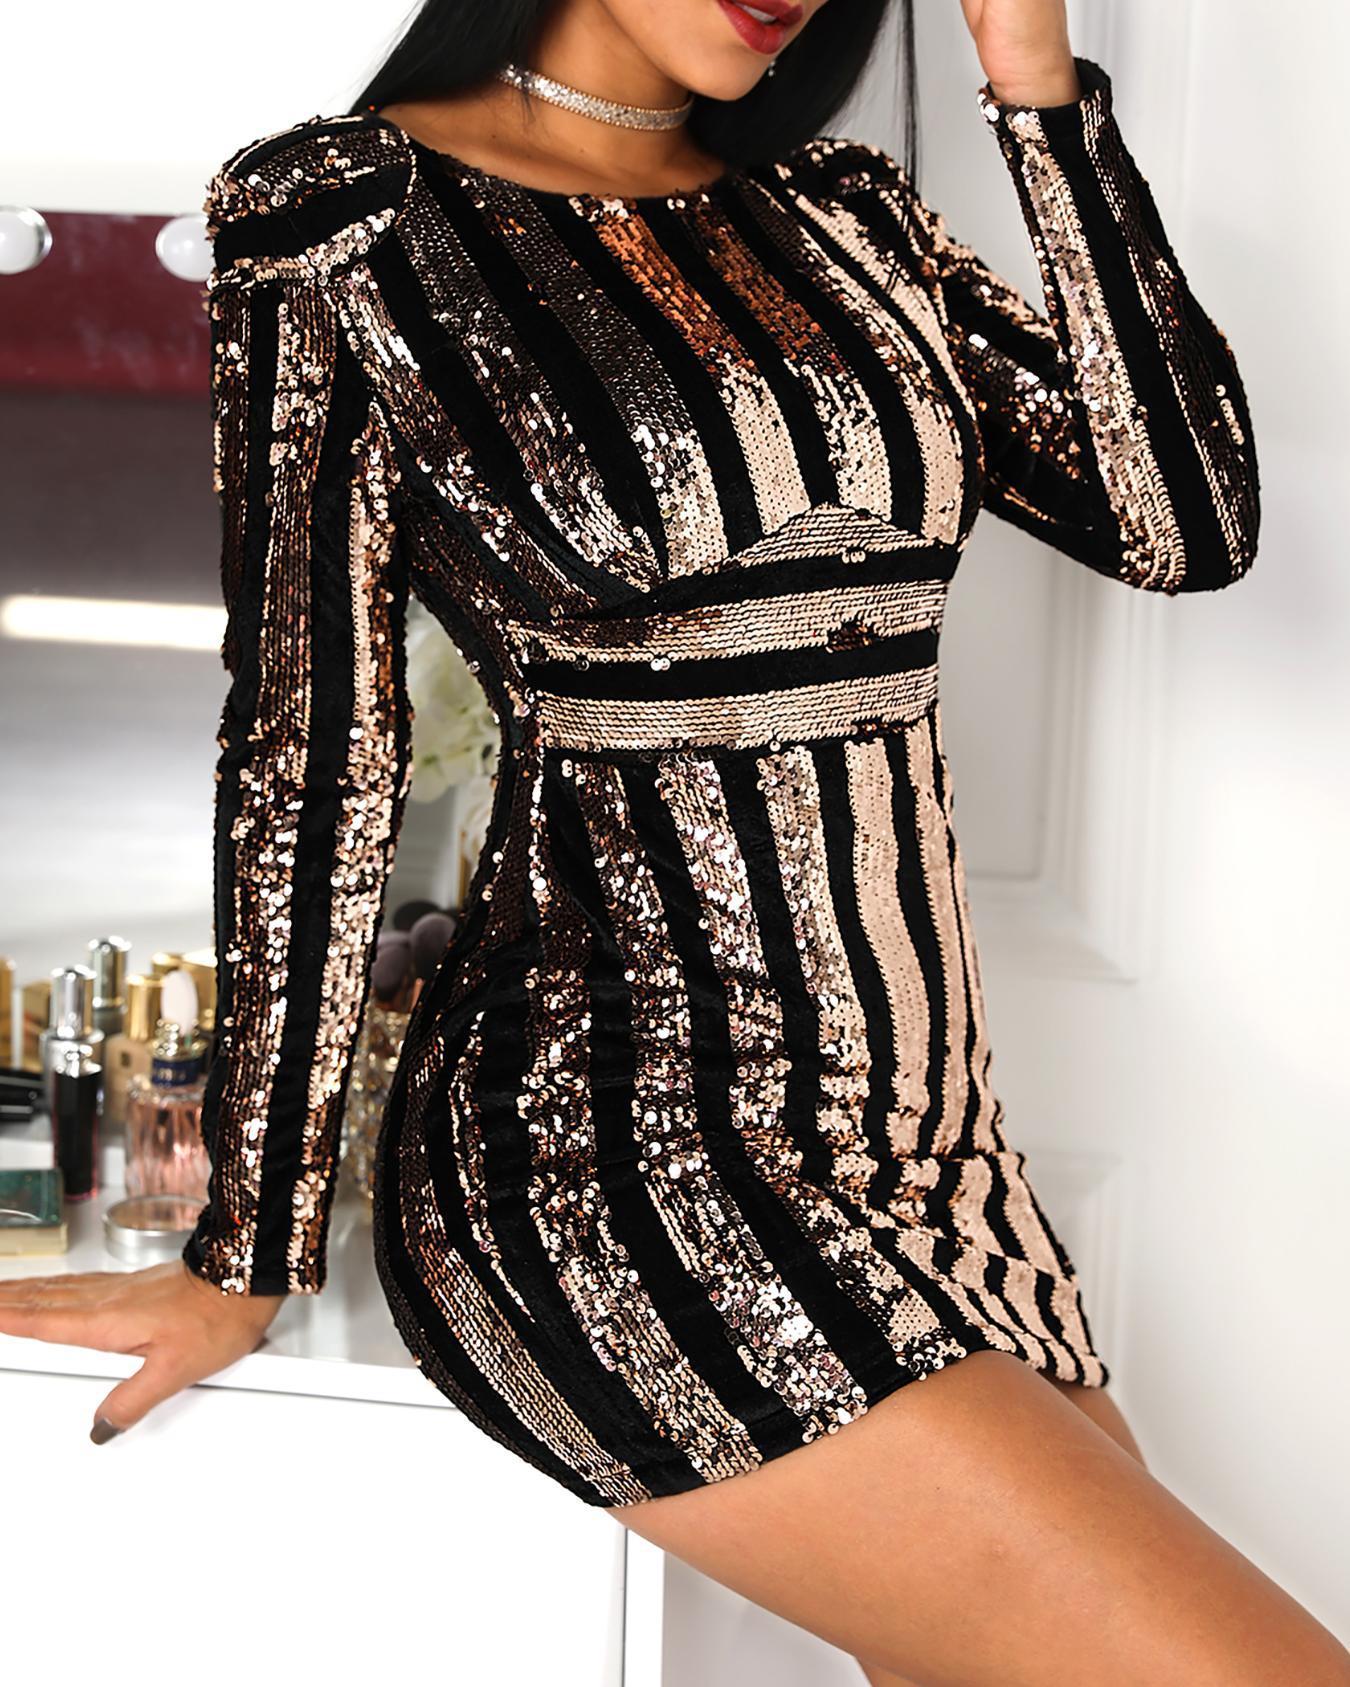 boutiquefeel / Vestido de fiesta de lentejuelas a rayas de manga larga